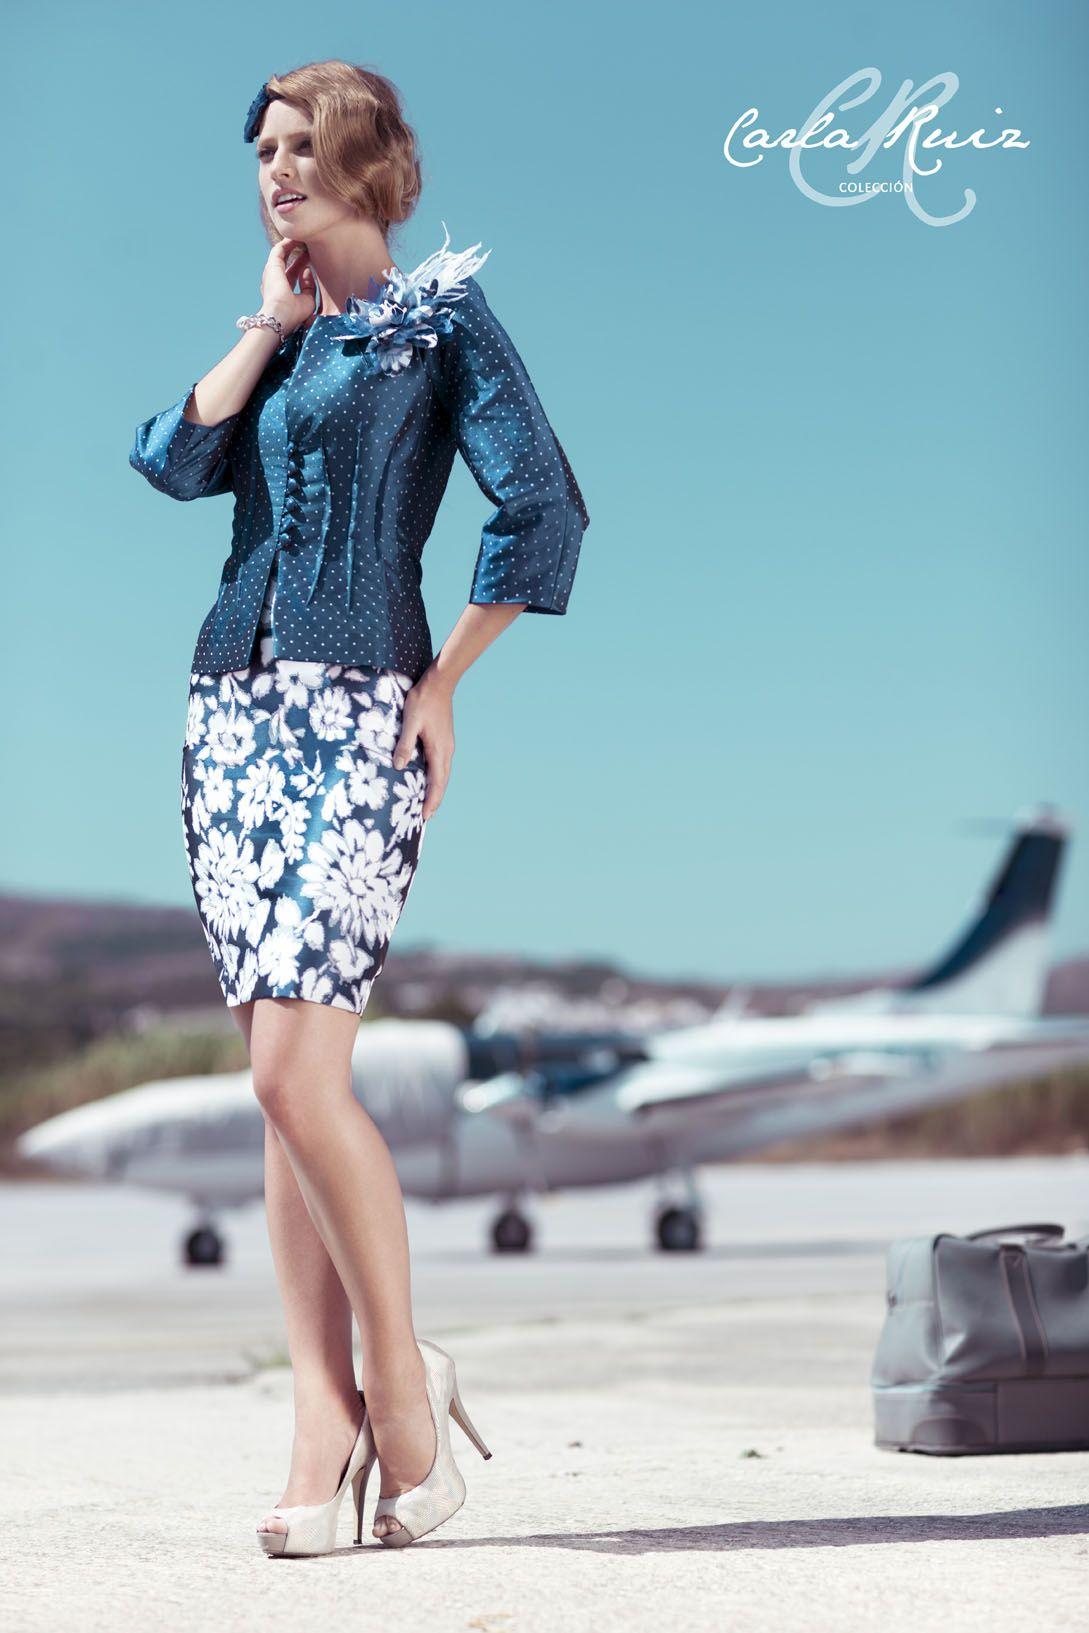 f9ee01a43 Detalle Vestido de Madrina de Carla Ruiz 2012 - Modelo 86366 ...